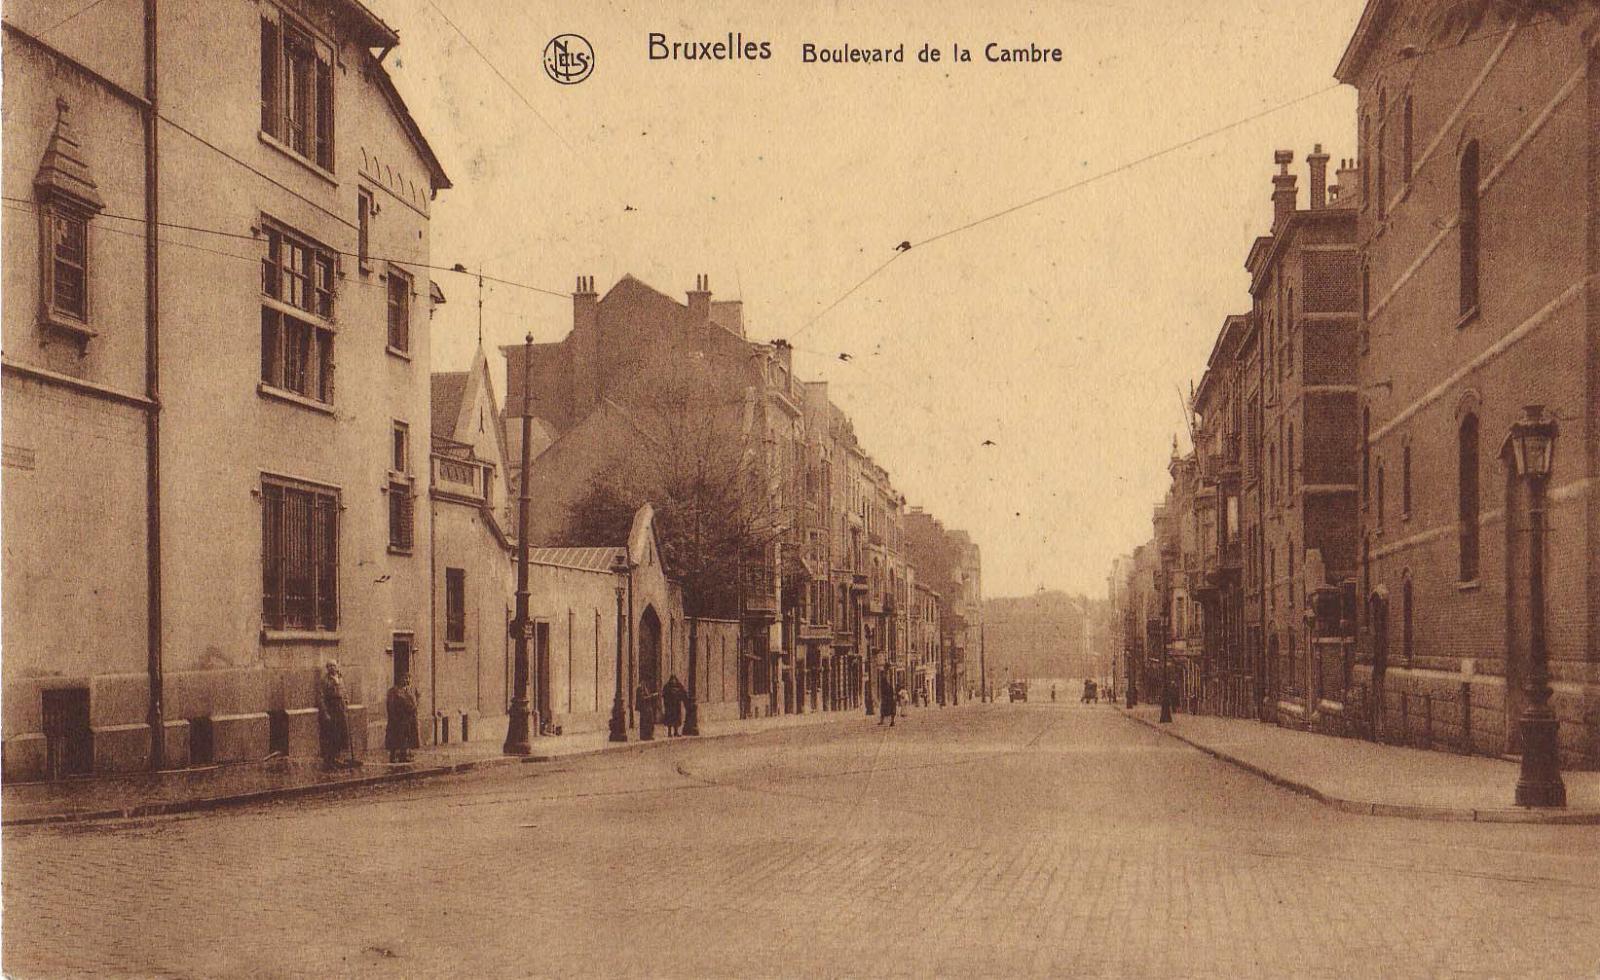 Boulevard de La Cambre, s.d. (Collection cartes postales Dexia Banque).